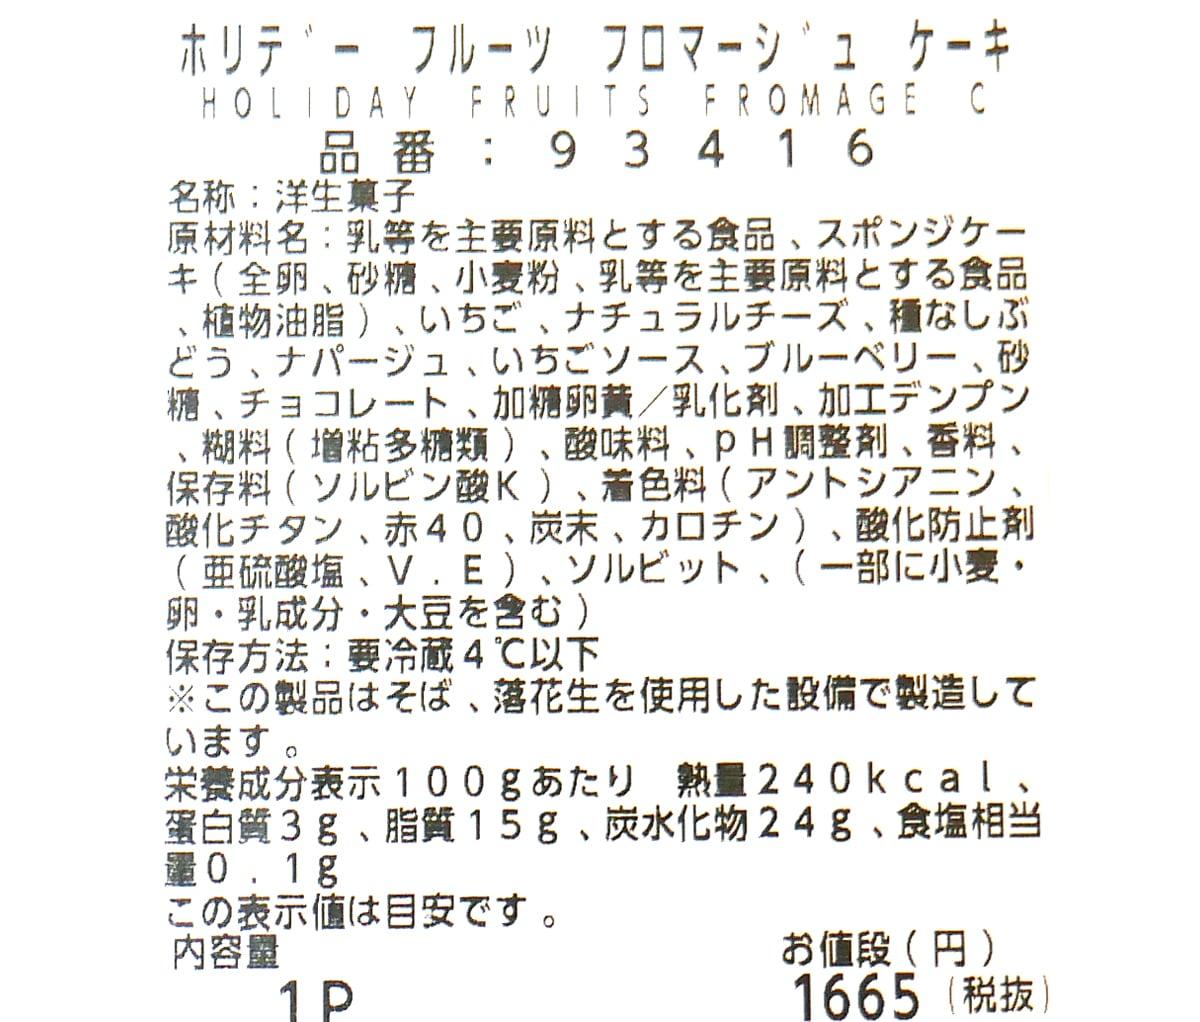 ホリデーフルーツフロマージュケーキ(コストコクリスマスケーキ2020) 商品ラベル(原材料・カロリーほか)